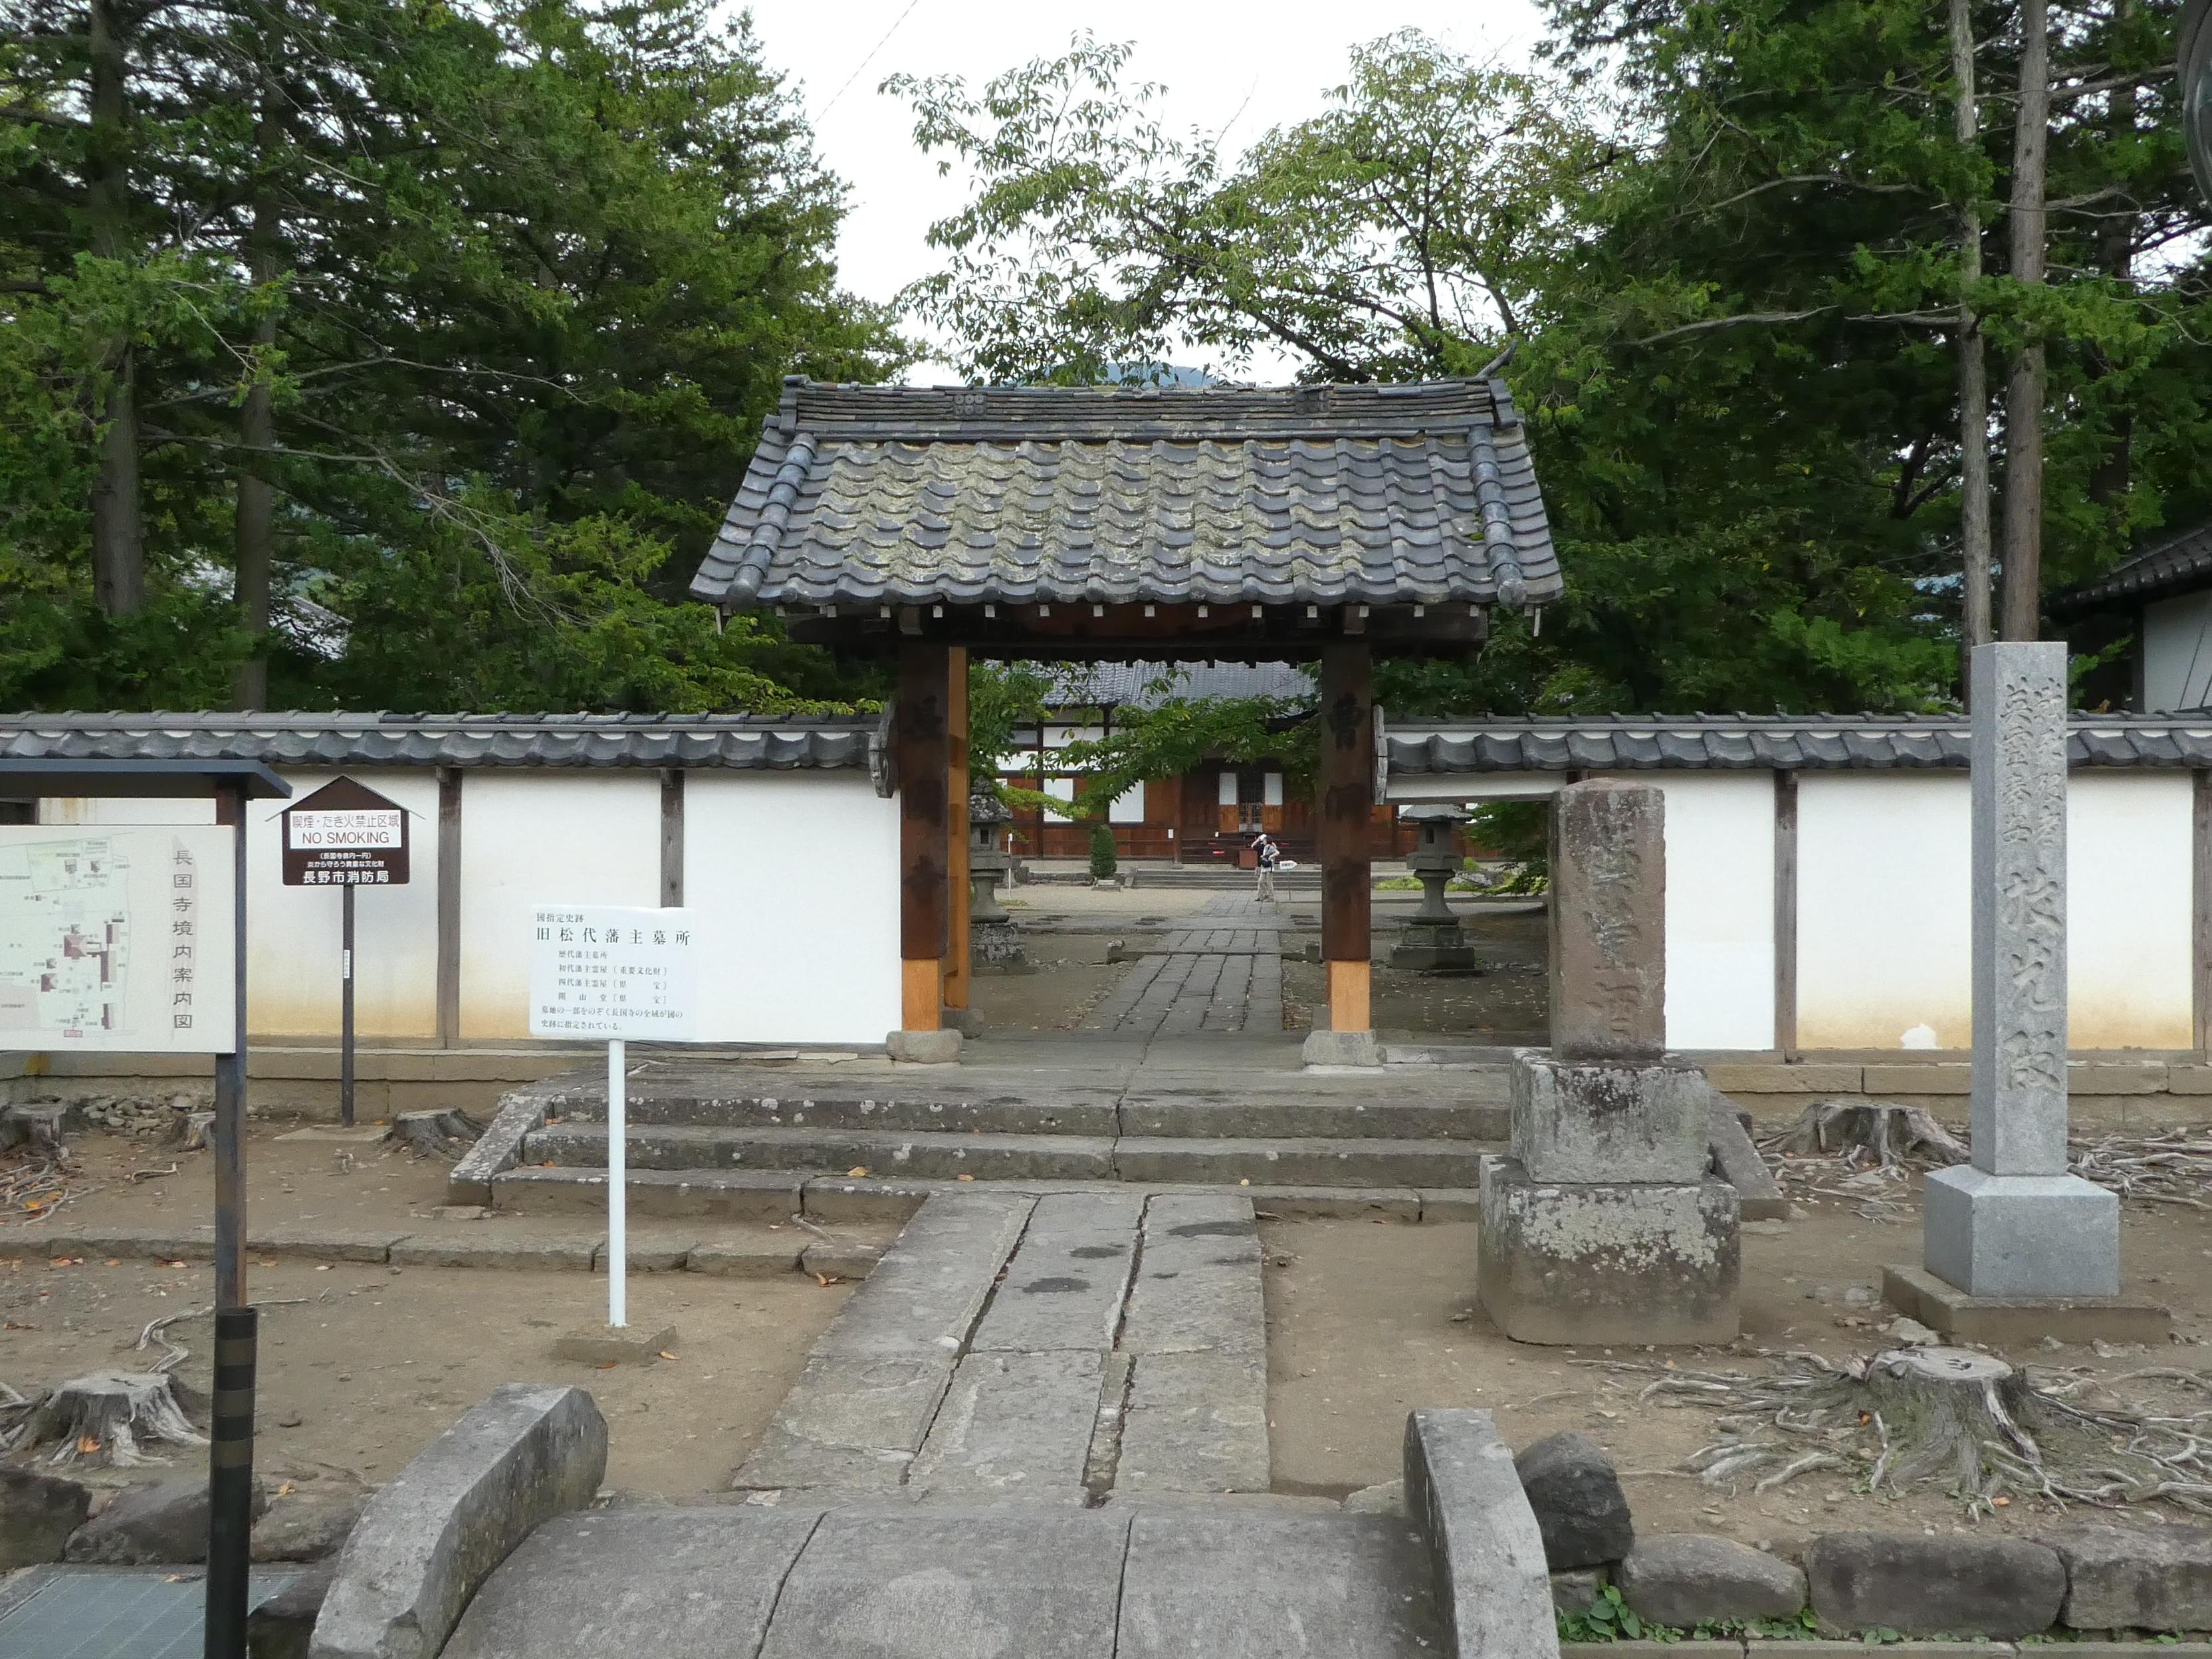 長野県長野市松代町の真田家・菩提寺『長国寺』で御朱印をいただきました。